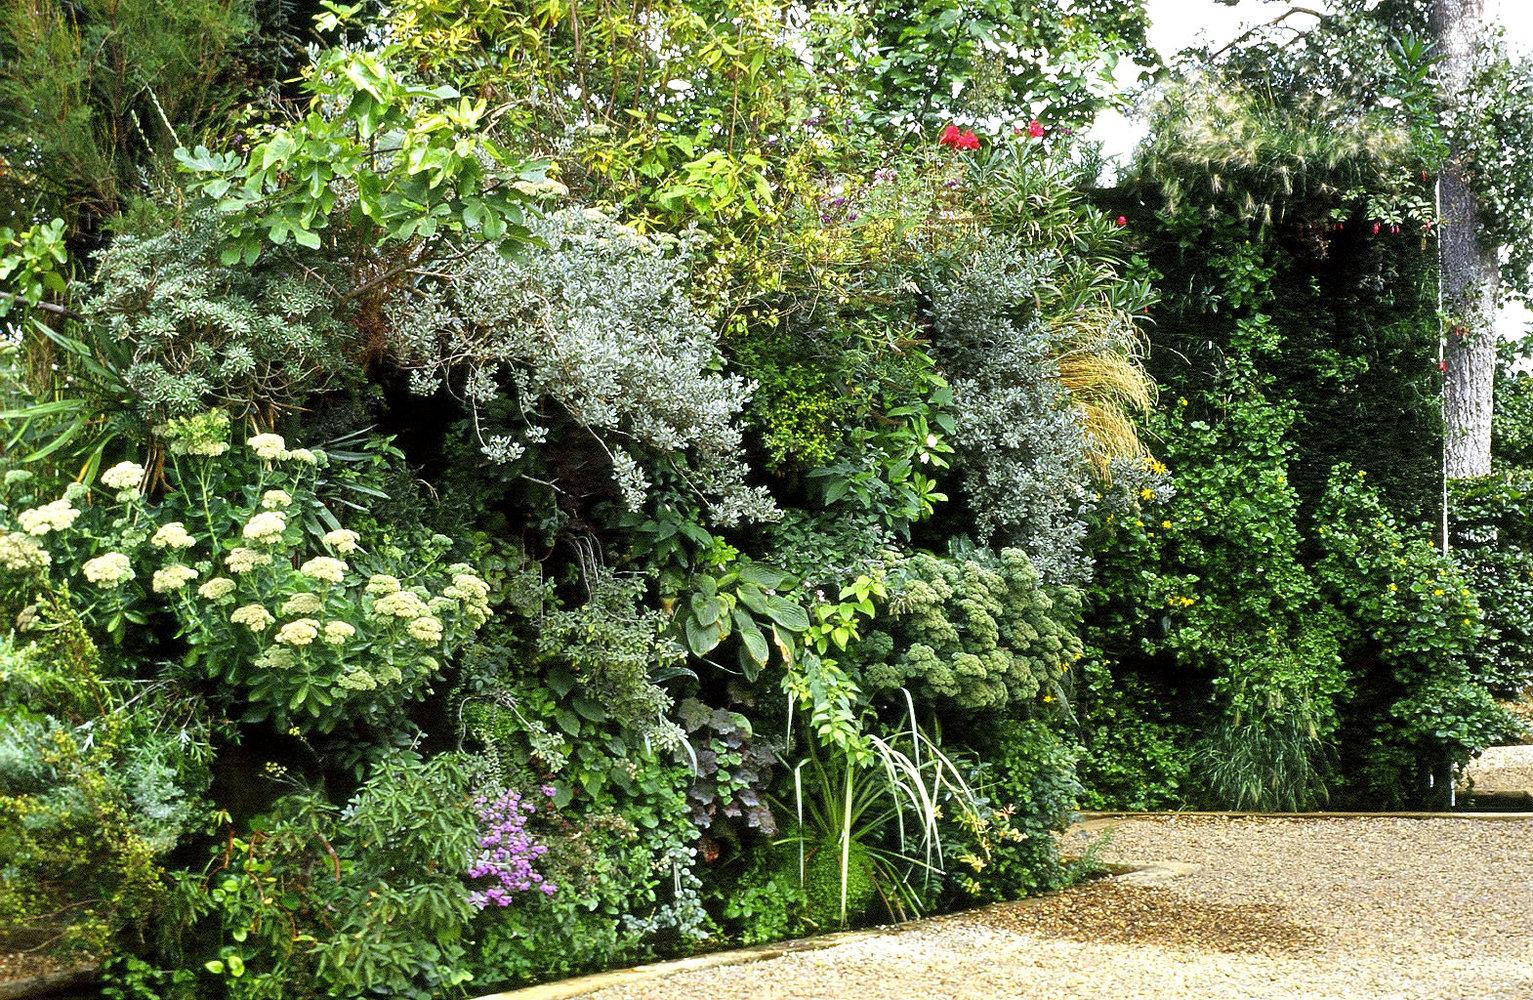 Un mur v g tal au jardin pourquoi pas jardinier conseil for Au jardin conseil